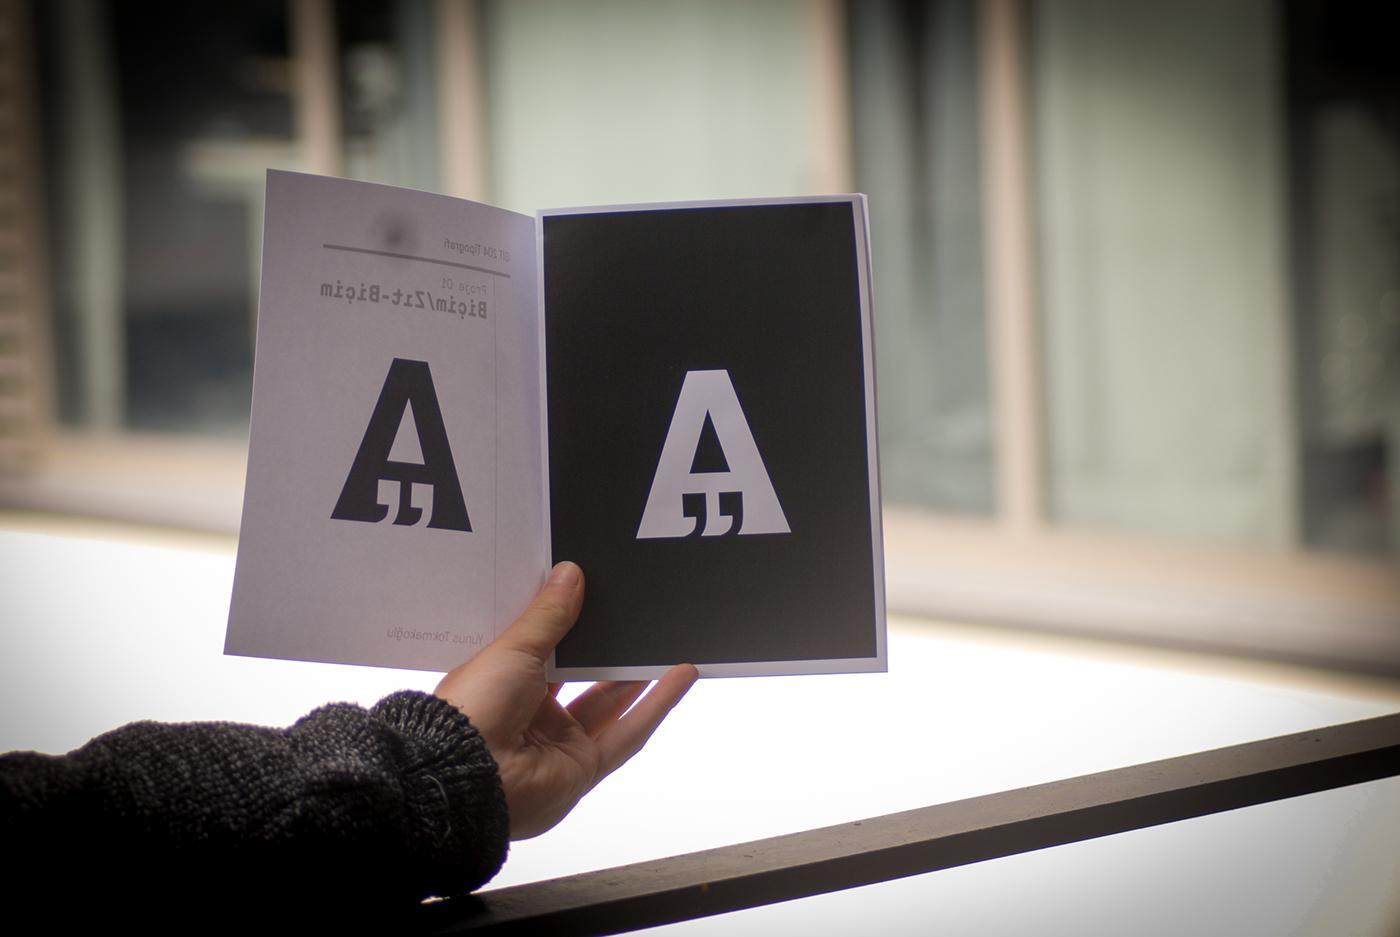 A harifinin tipografi değerlerinde